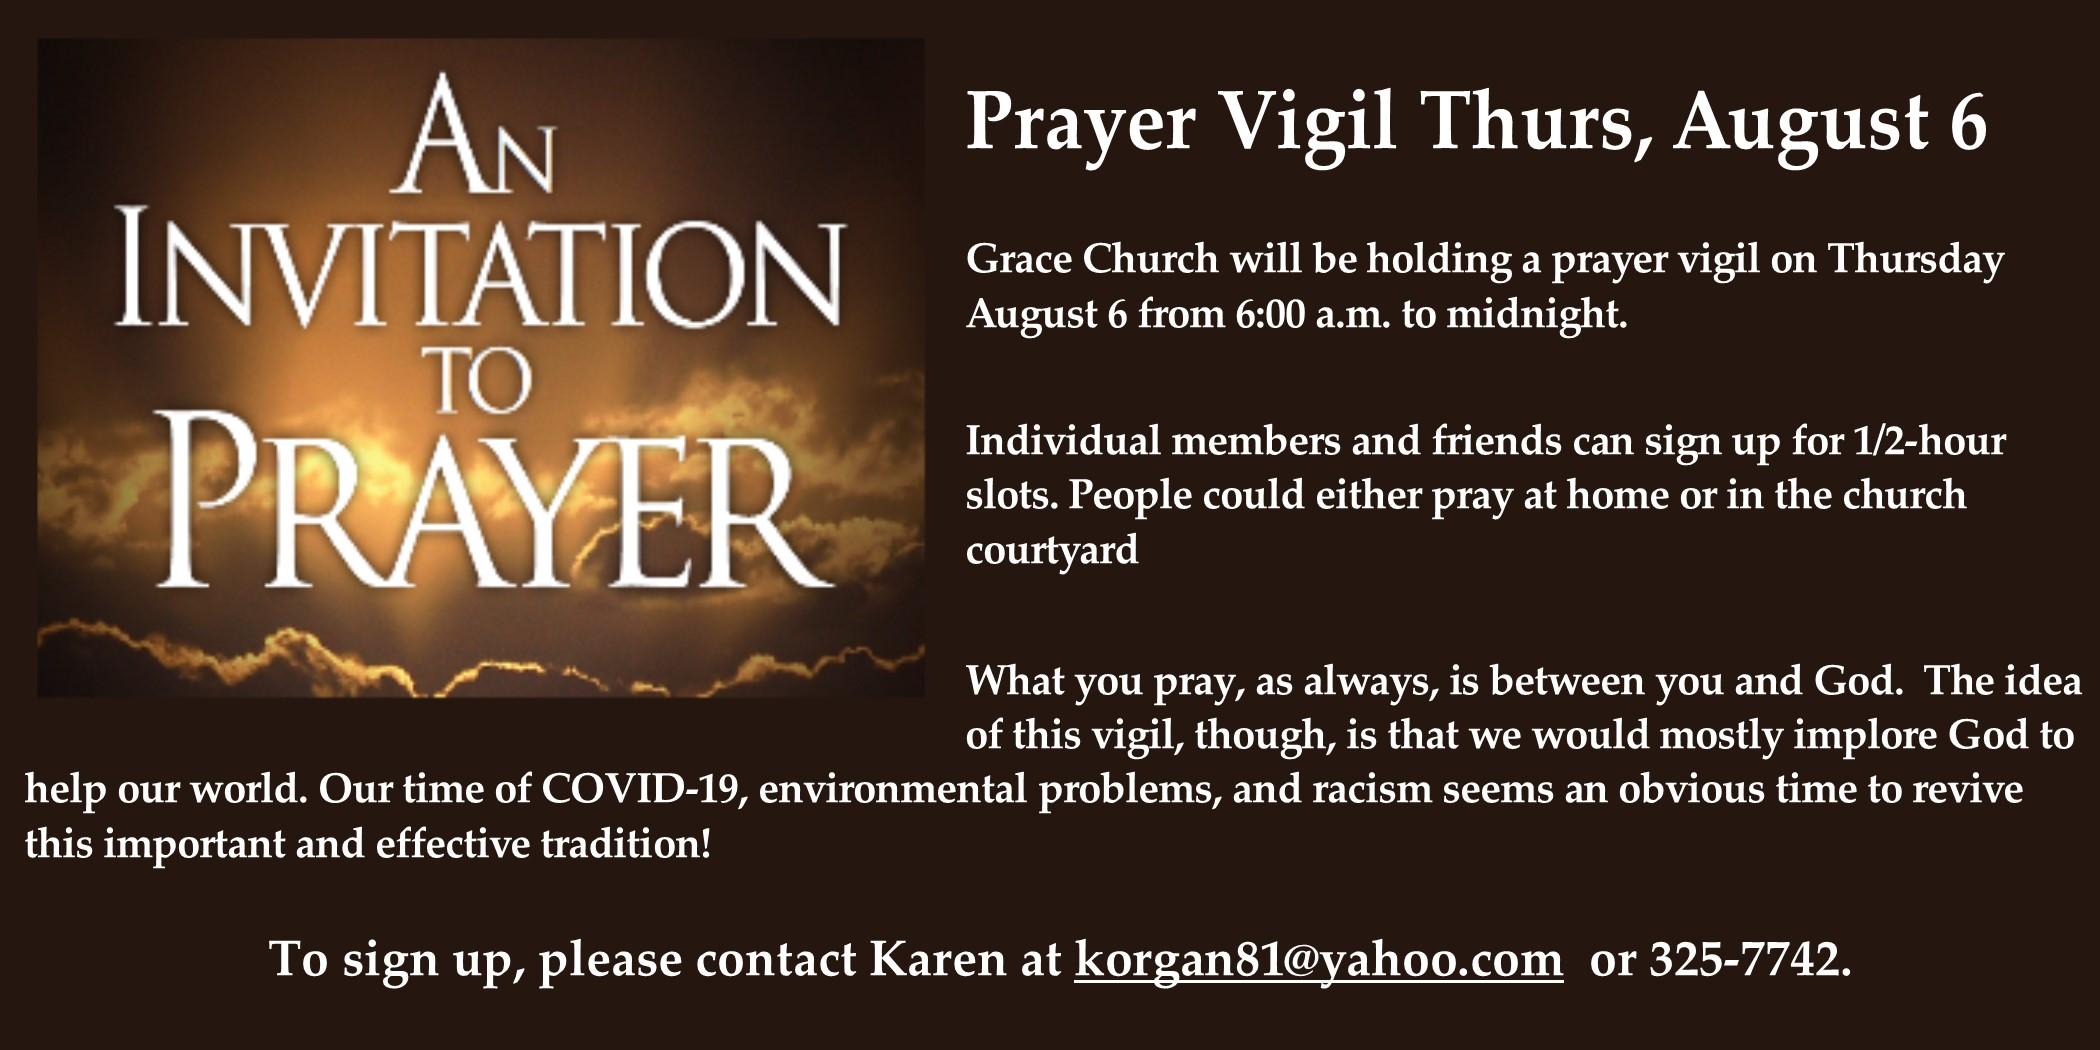 2020 8 Prayer Vigil